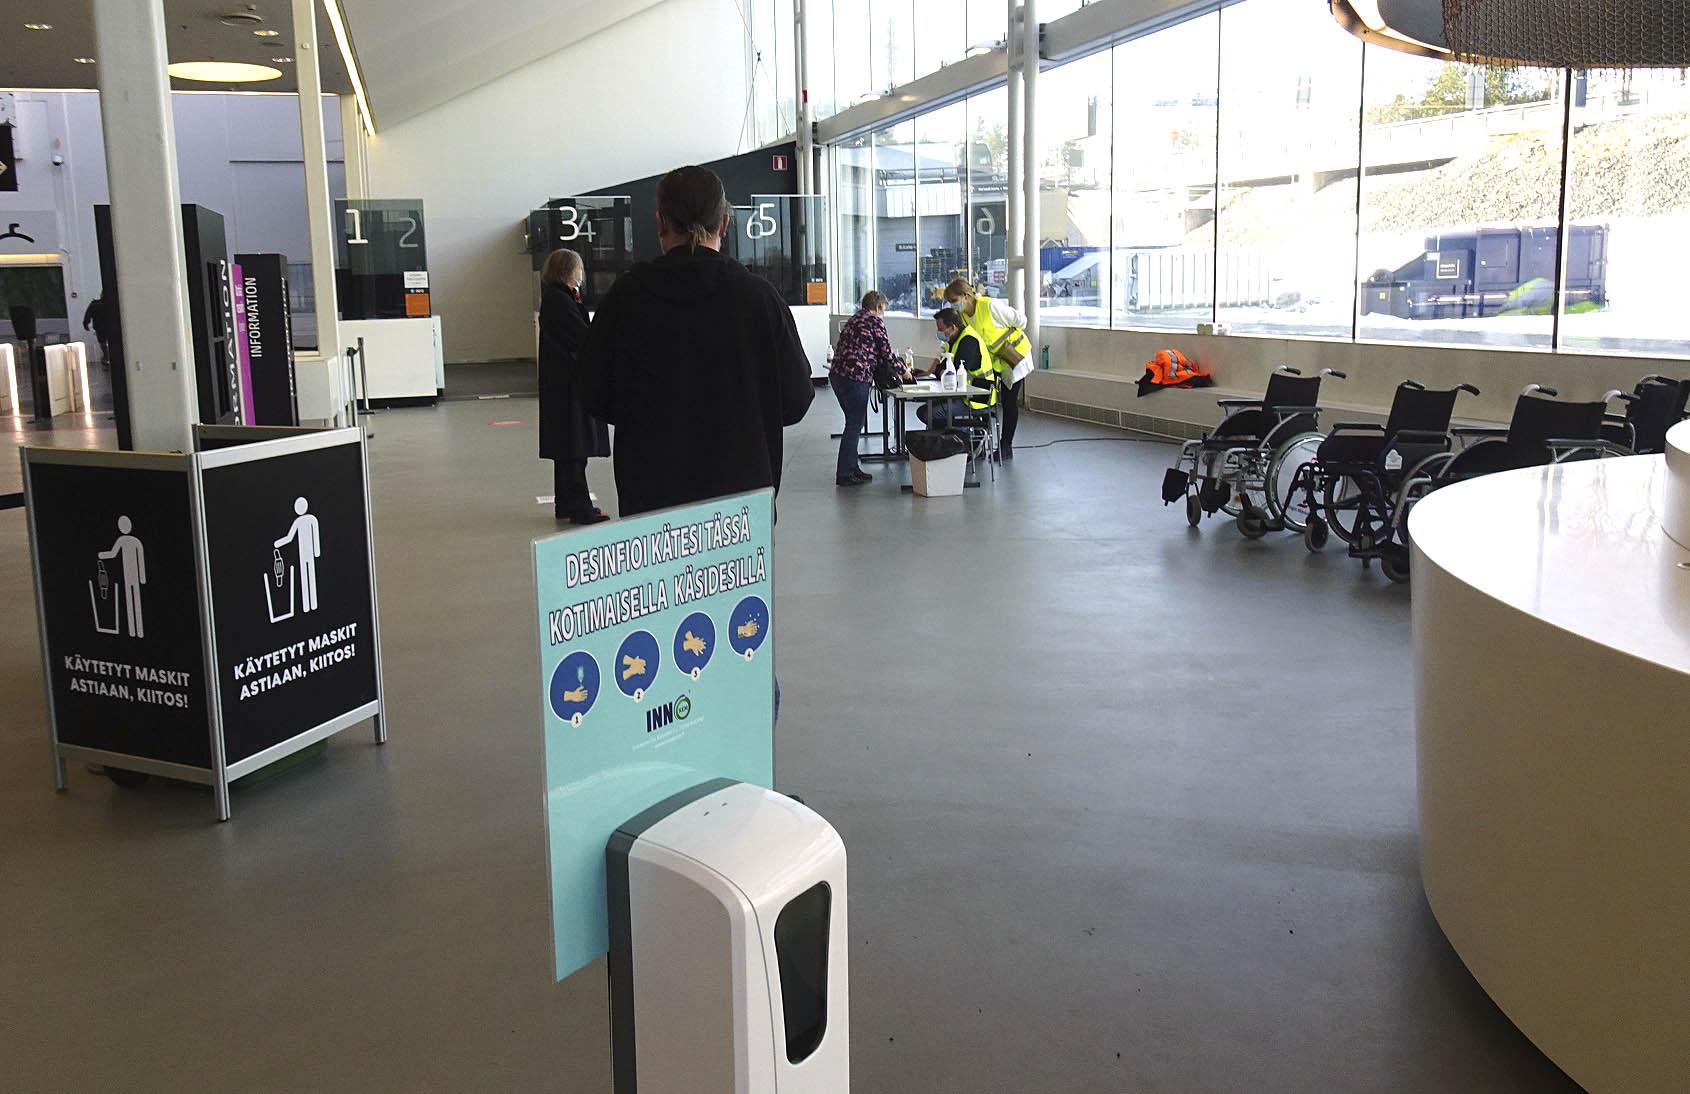 Kolme ihmistä jonottaa turvavälein koronarokotuksen ilmoittautumispisteeseen avarassa aulassa. Etualalla käsidesiautomaatti ja roskakori käytetyille hengityssuojaimille.